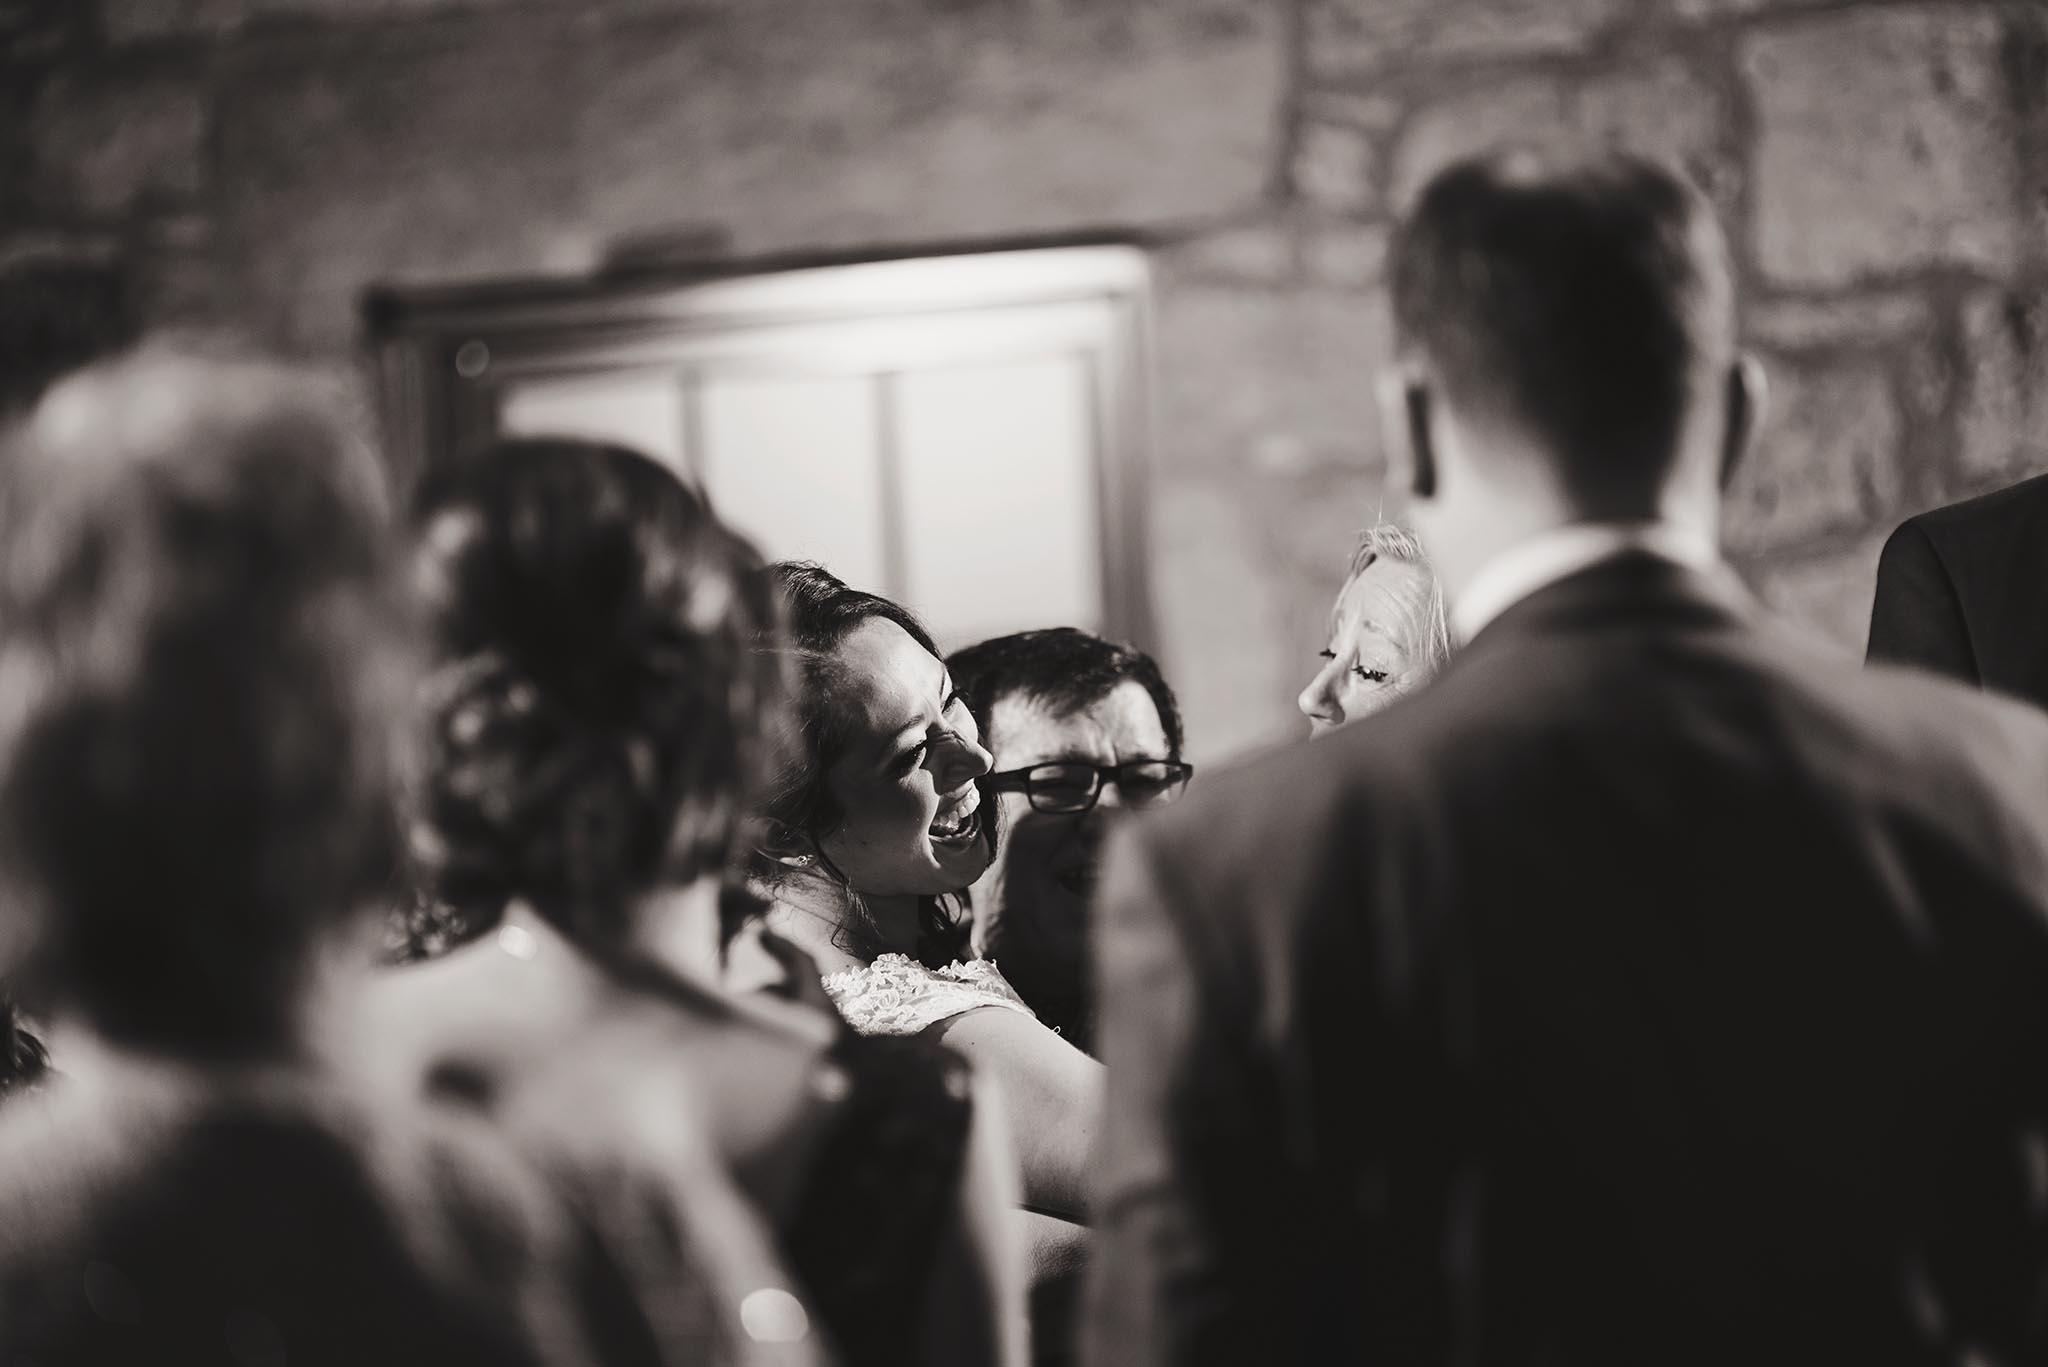 Peter-Bendevis-Photography-Kris-Laura-Cambridge-Mill-Winter-Wedding52